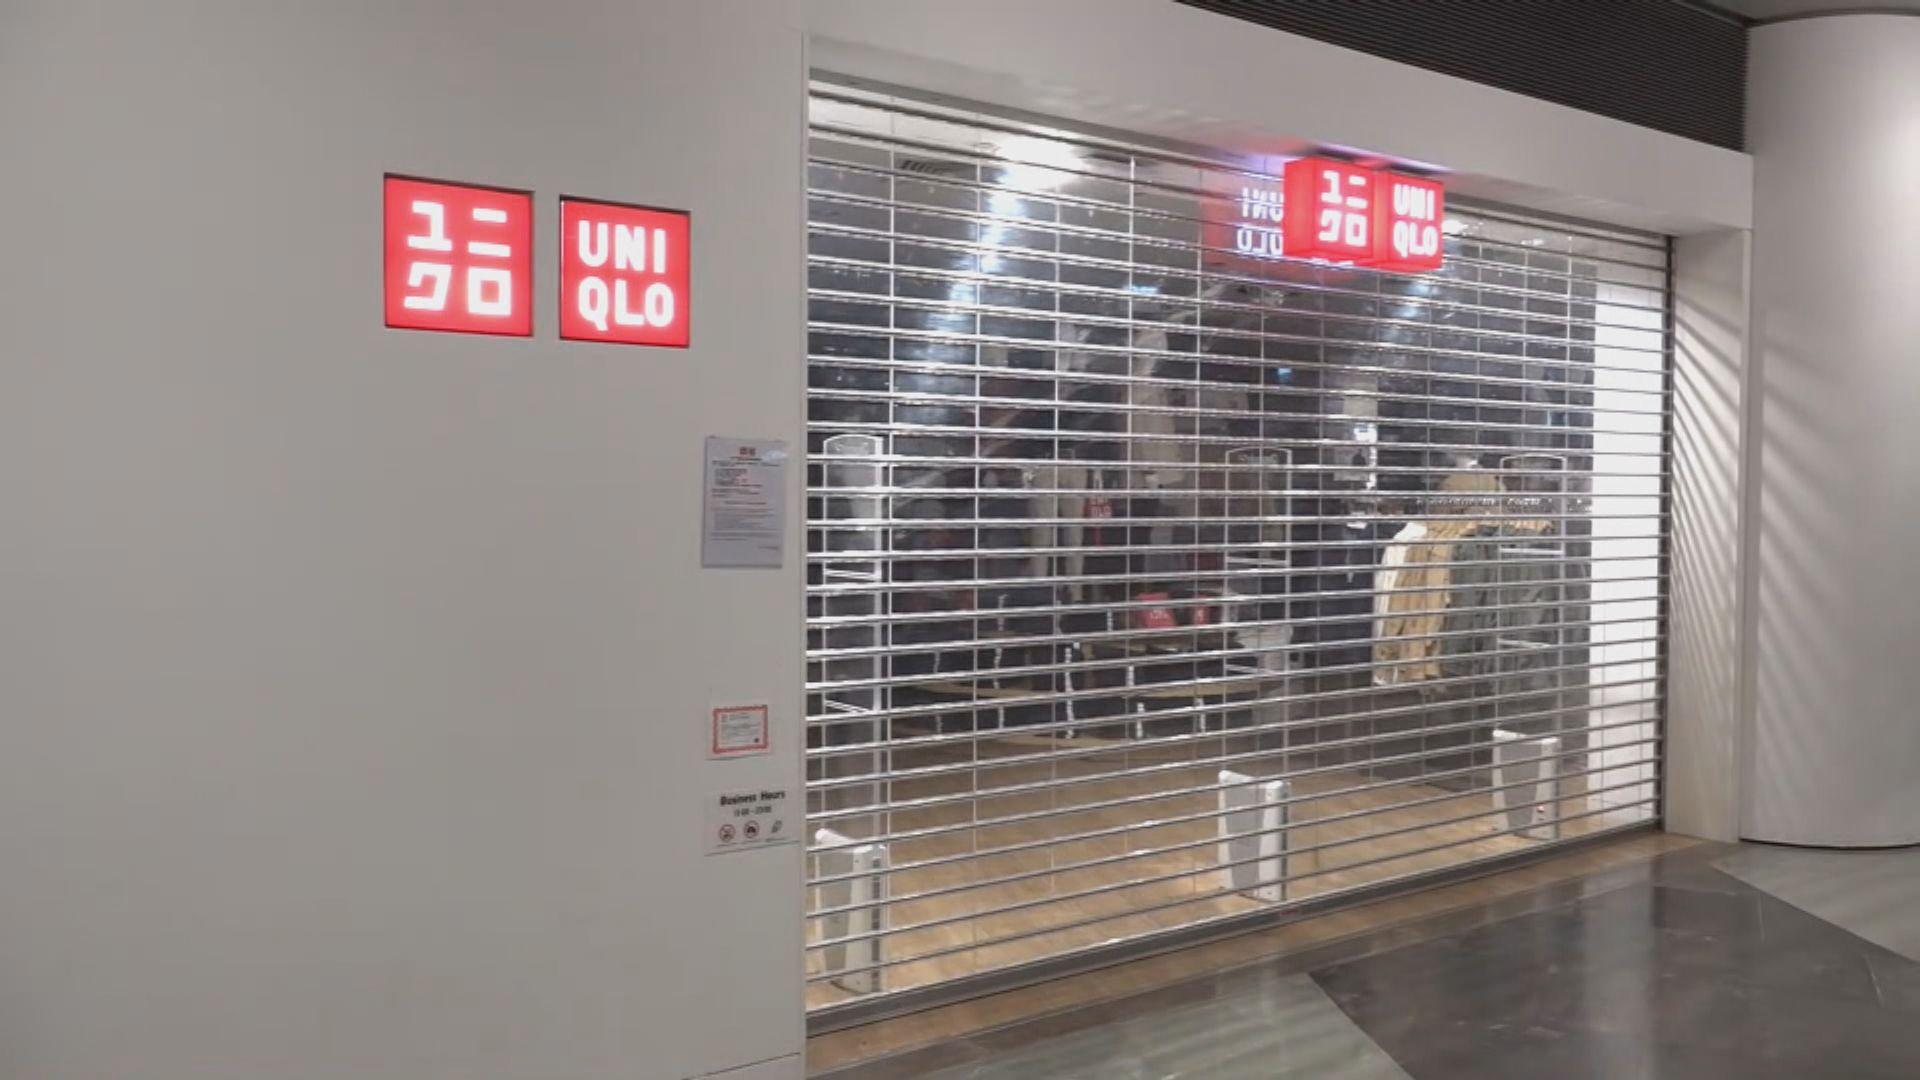 朗豪坊Uniqlo三員工確診 防護中心相信顧客感染風險不高